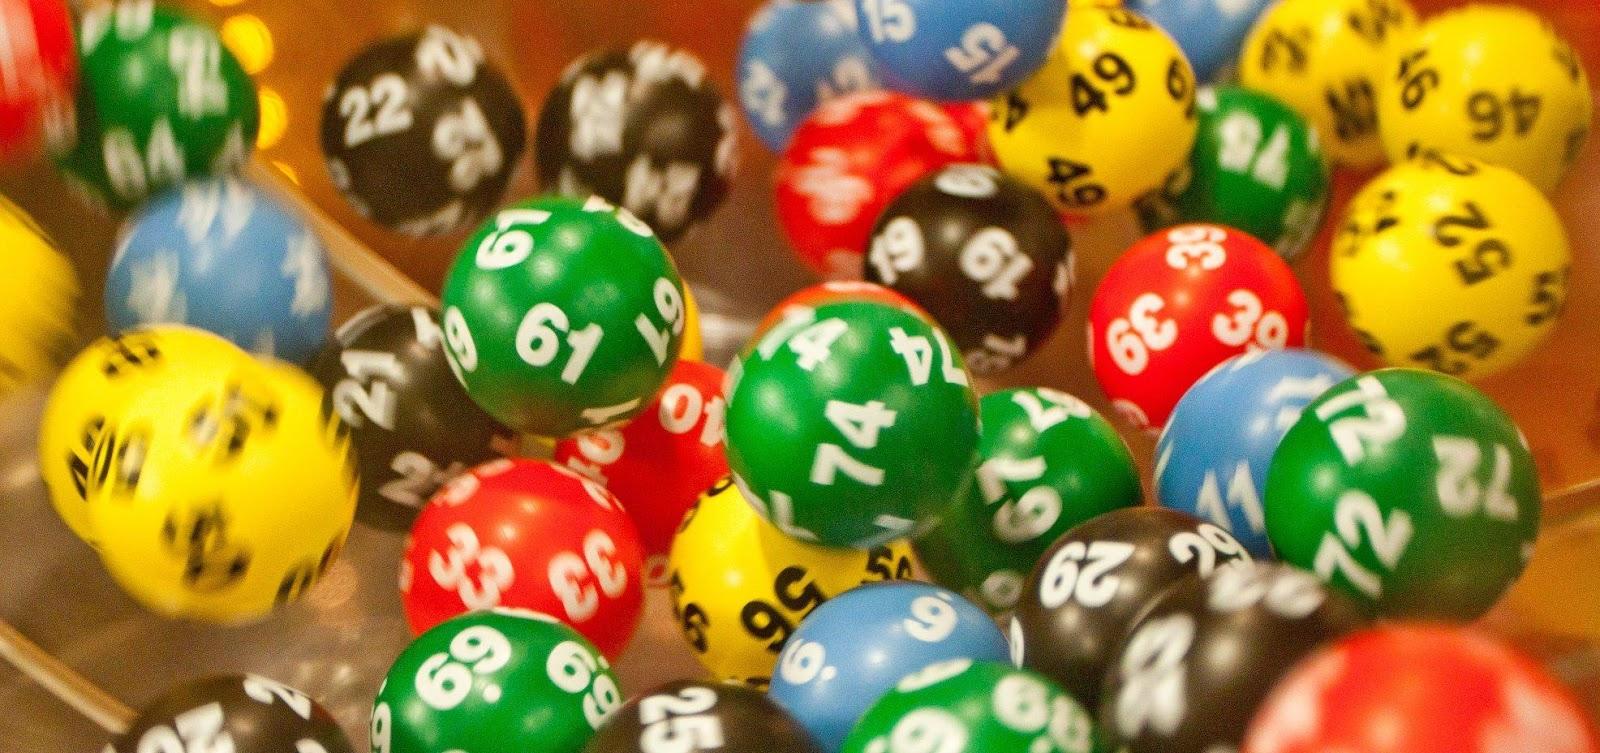 Quais os números da sorte para quem sonha com dinheiro